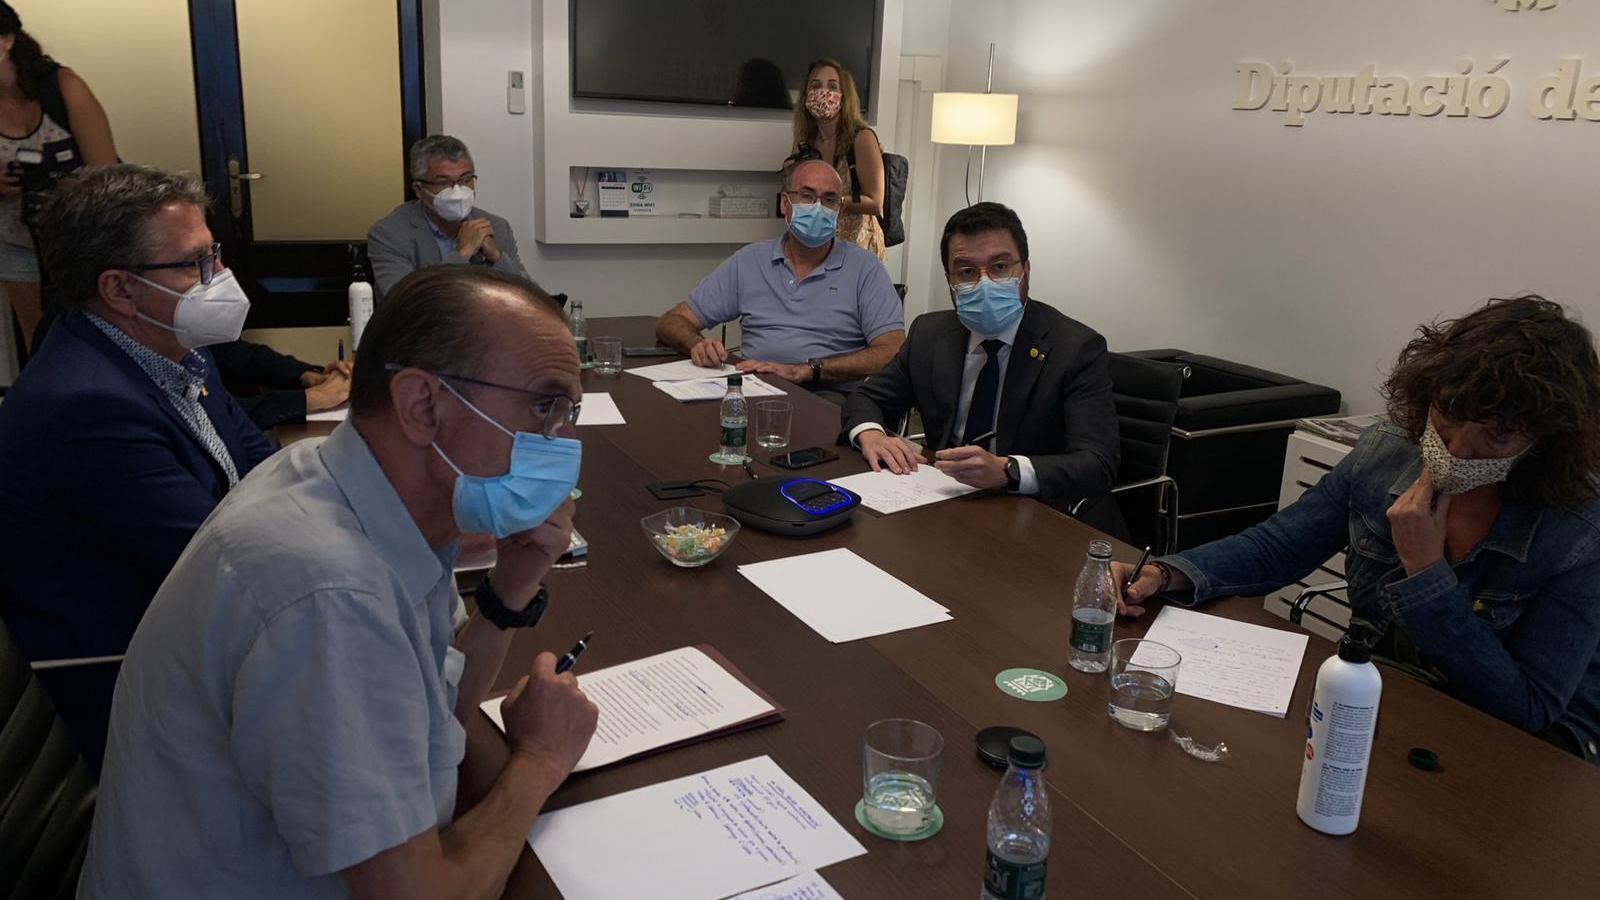 La reunió entre l'alcalde de Lleida, el vicepresident del Govern i la consellera d'Agricultura, entre d'altres